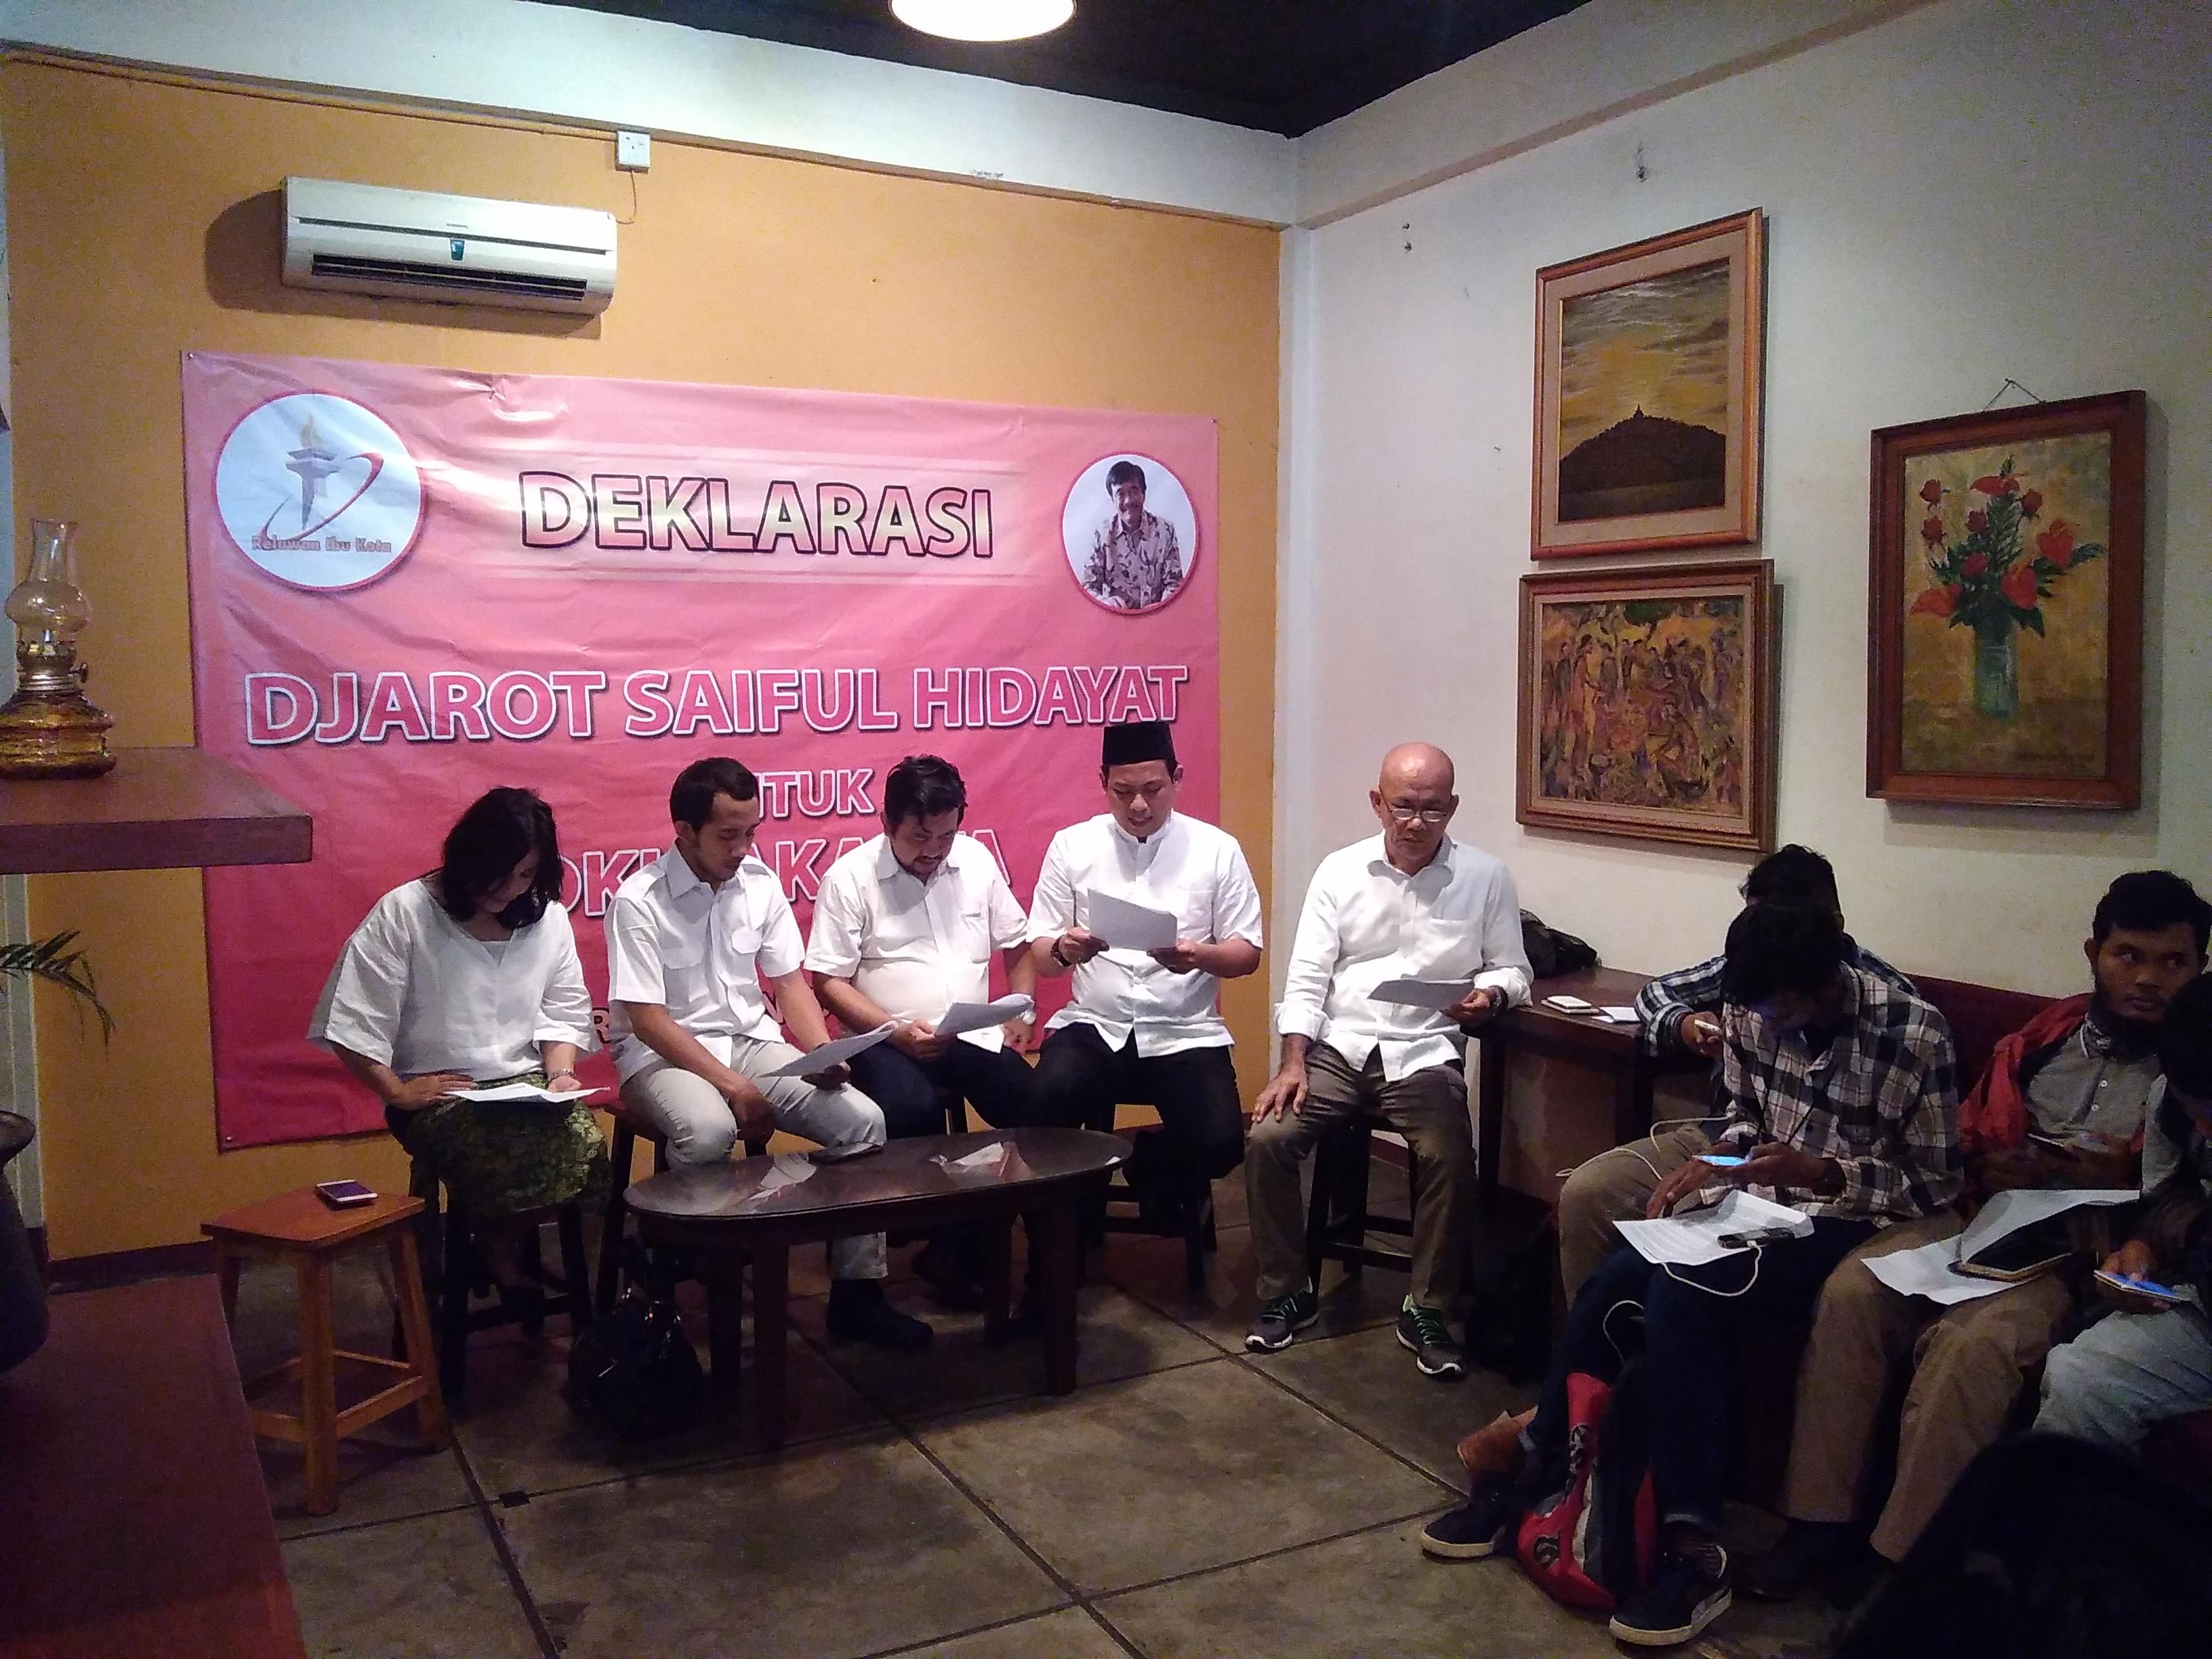 Relawan Ibukota: Mari Bersama Djarot Mewujudkan Jakarta Lebih Baik